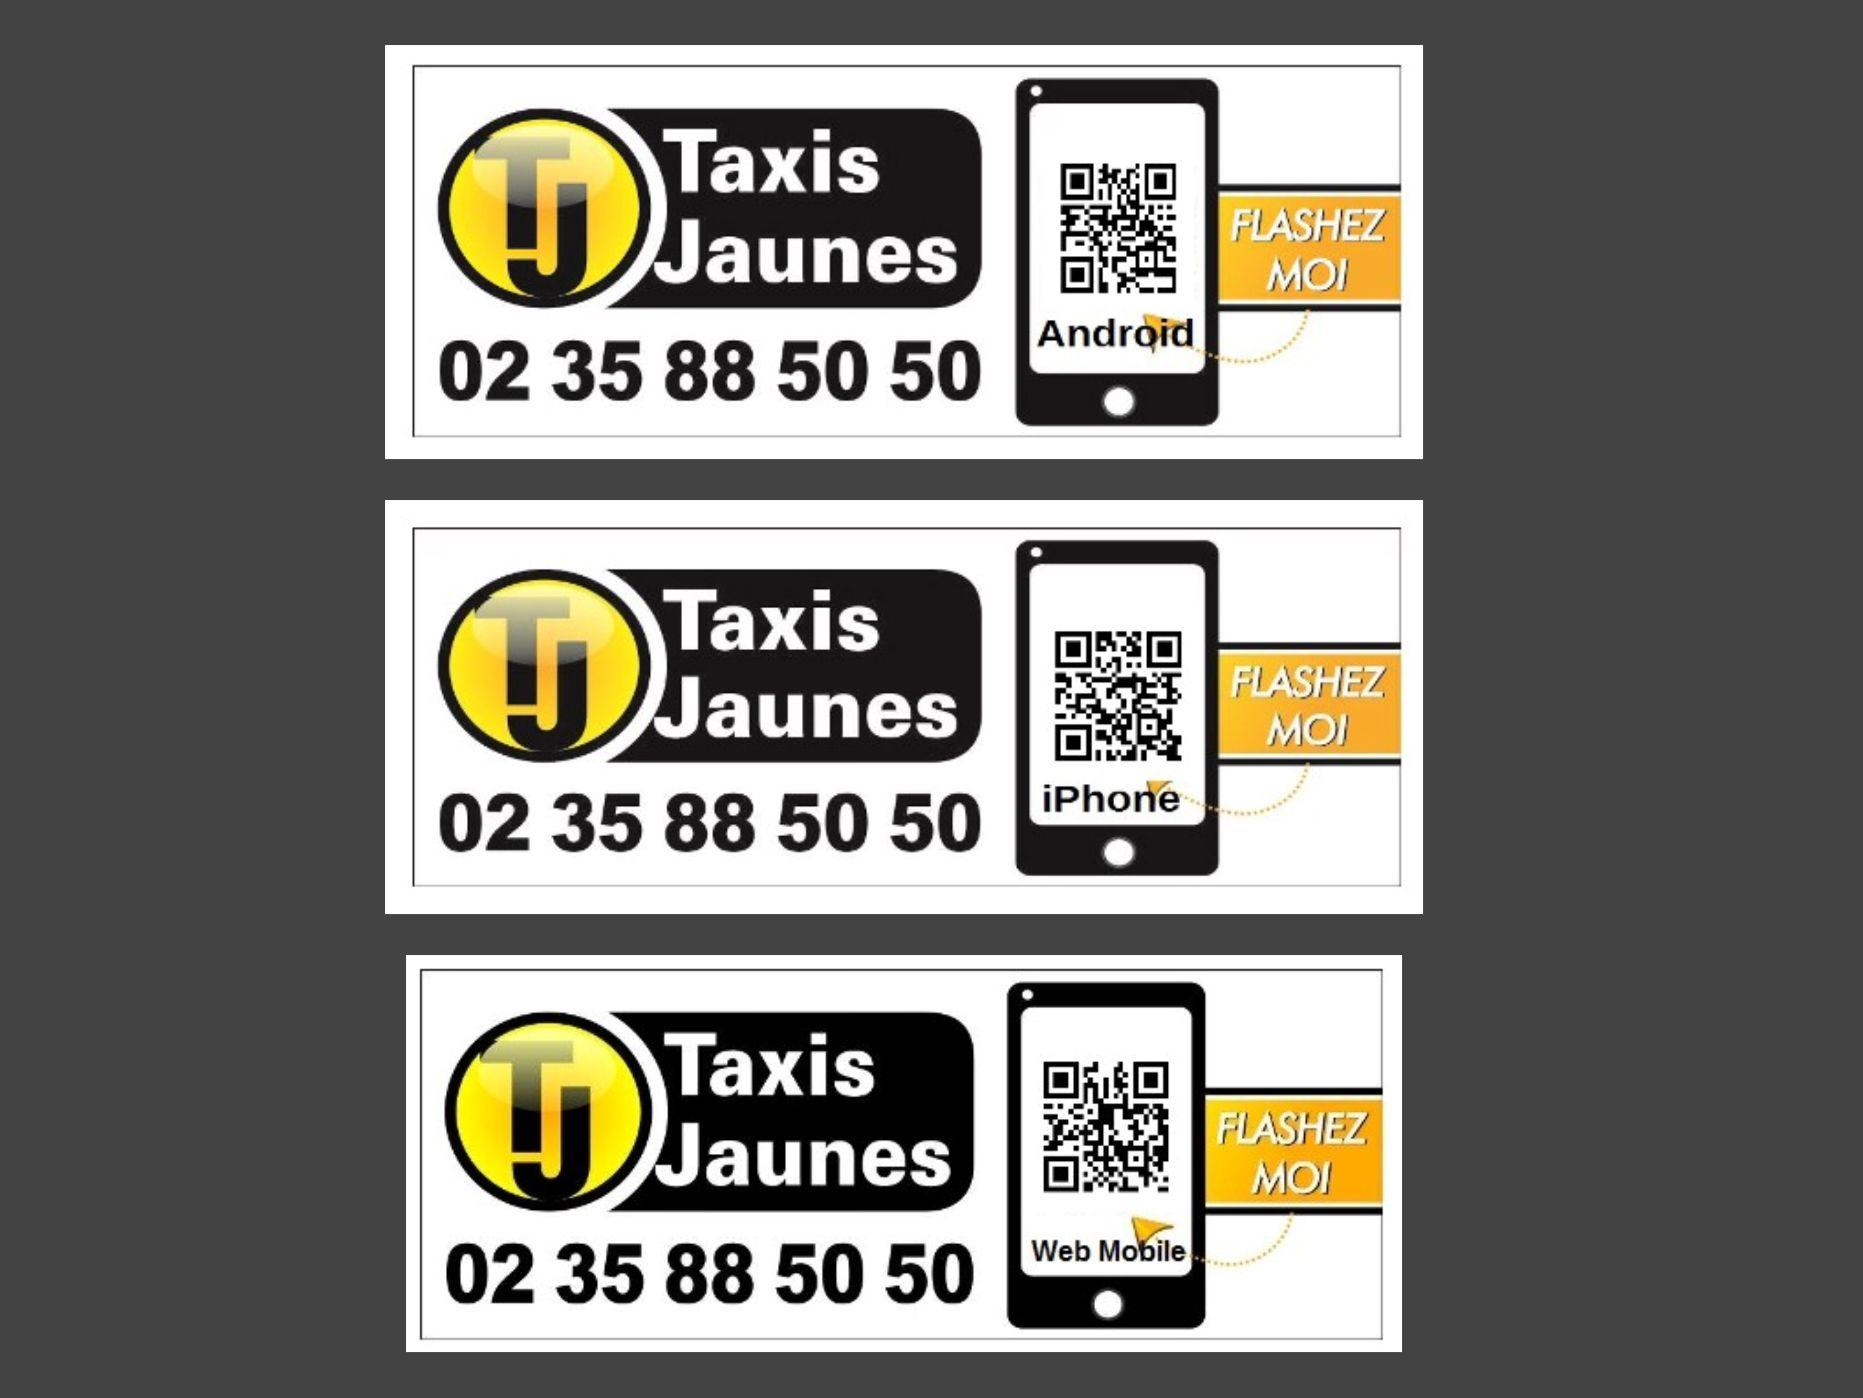 Combien Coute Un Taxi Dans Le Departement 76 Seine Maritime Sur Taxisjaunes Fr Rouen Metropole Taxi Ville De Rouen Canteleu